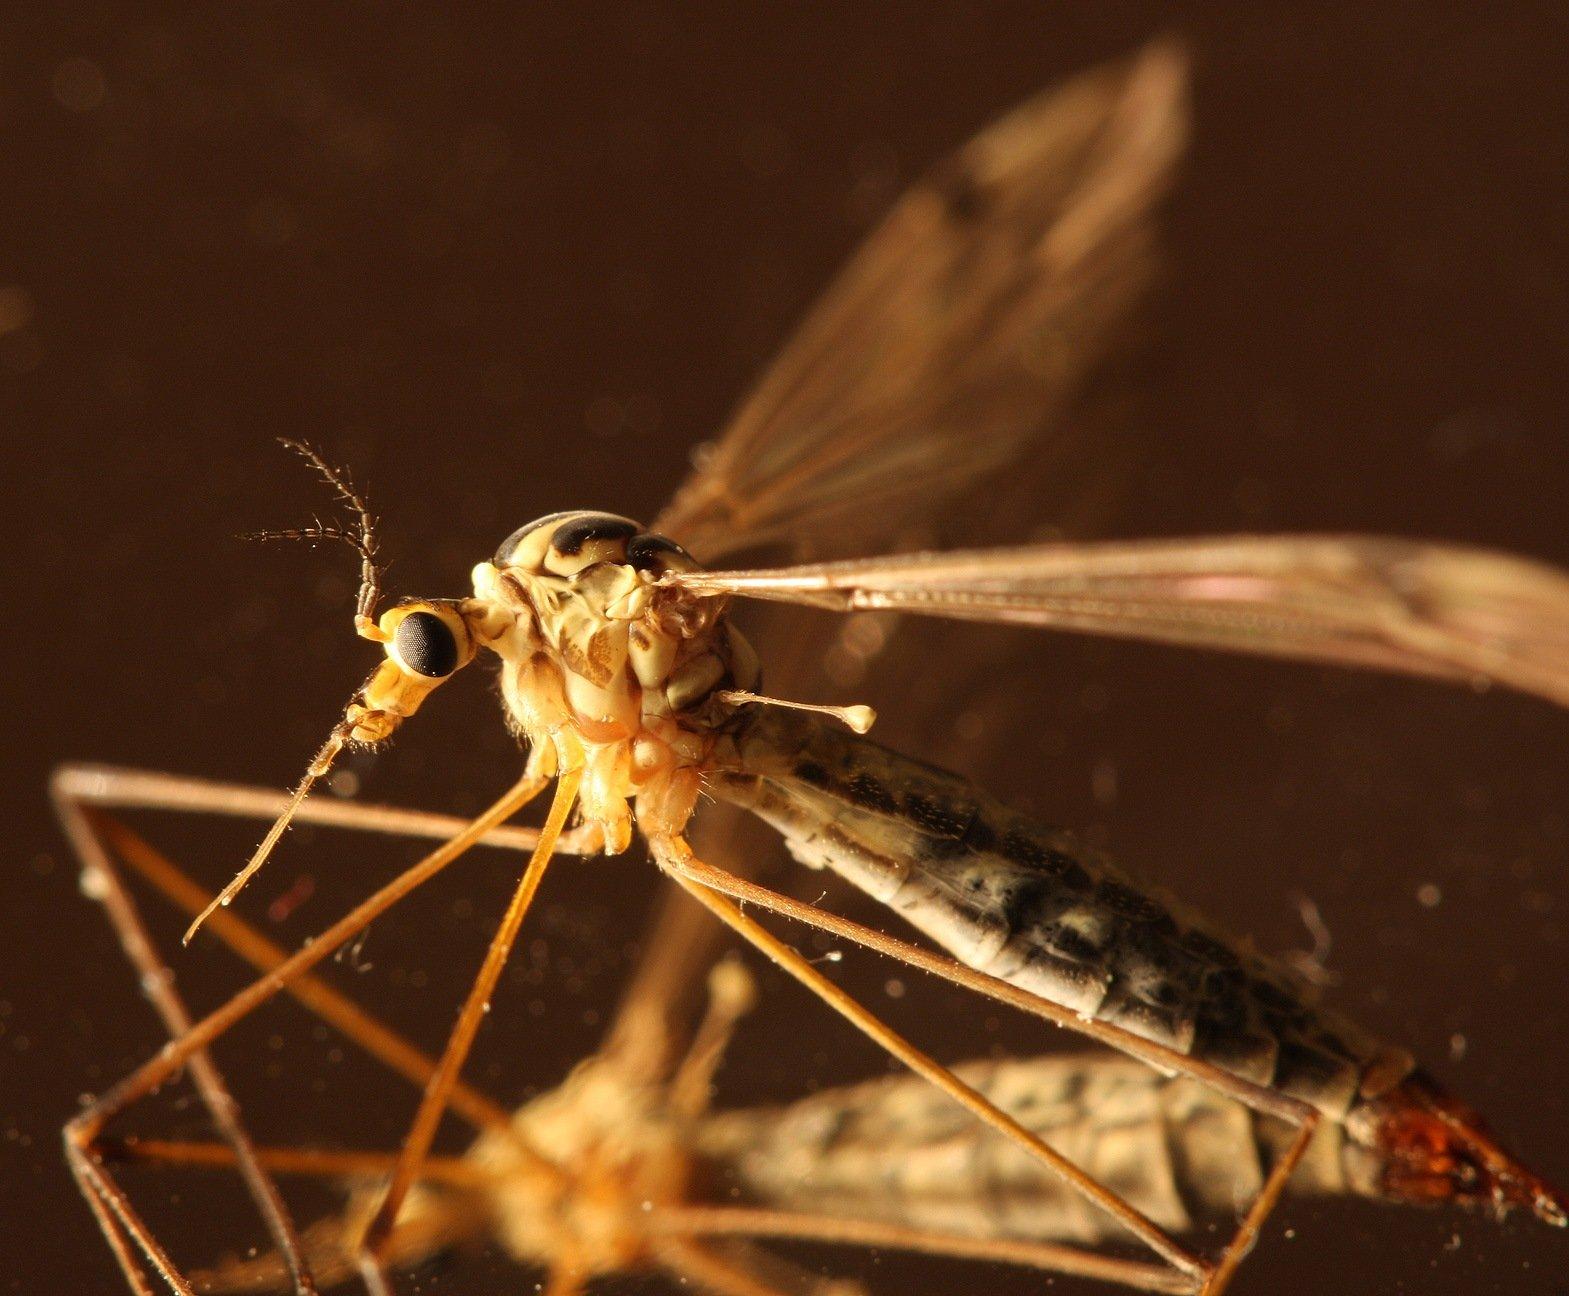 дизайнеры комар дергун фото массовым, промысел